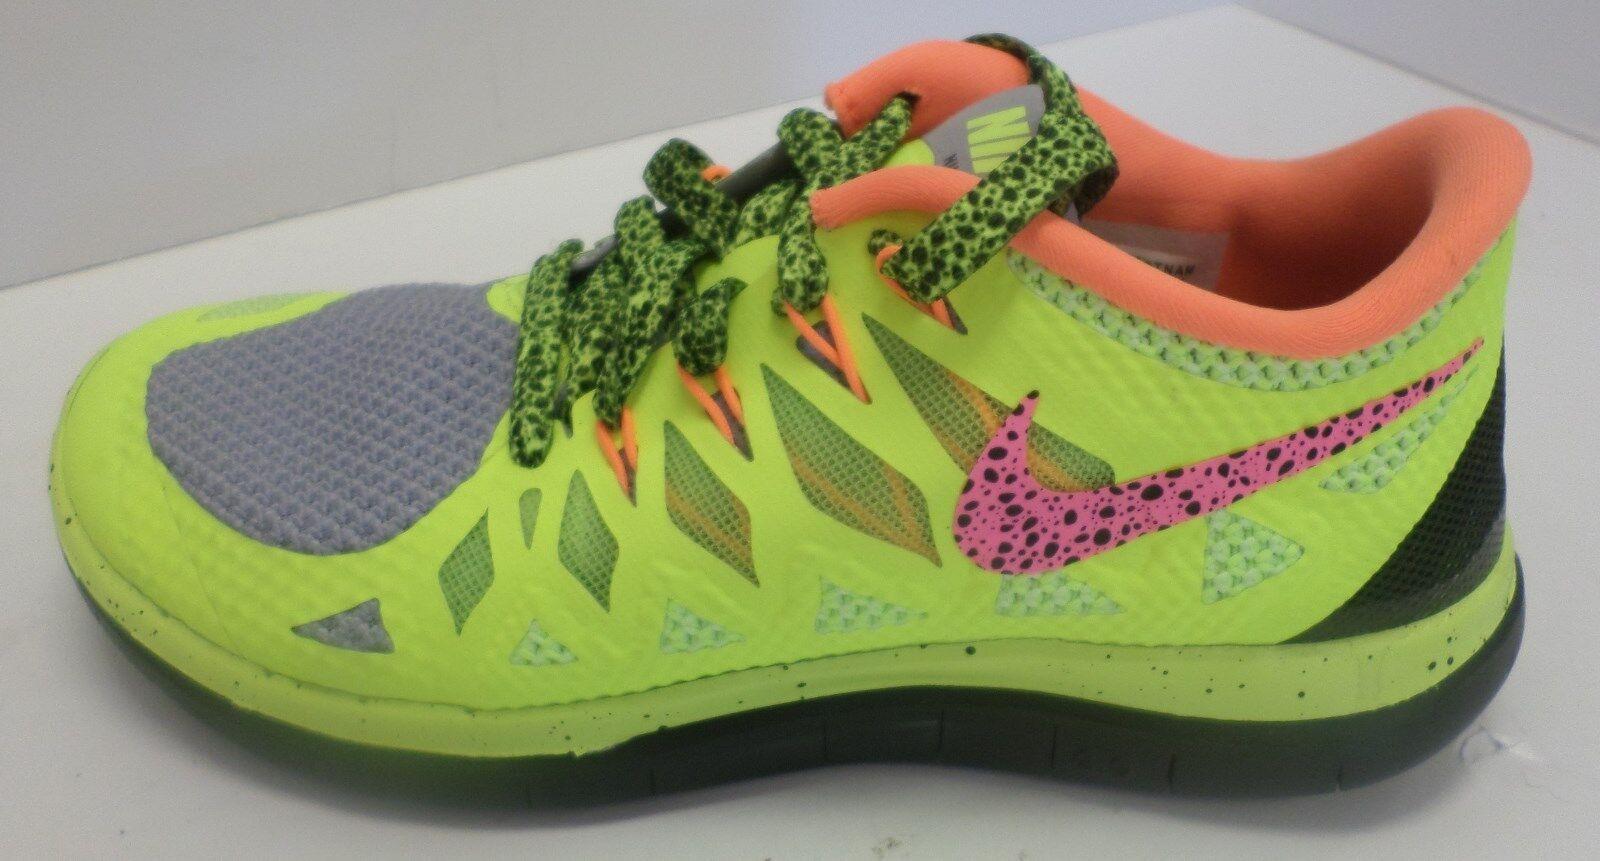 New femmes  NIKEiD Free 4.0 Training Shoe Volt/ gris /Orange/ noir  653717-991